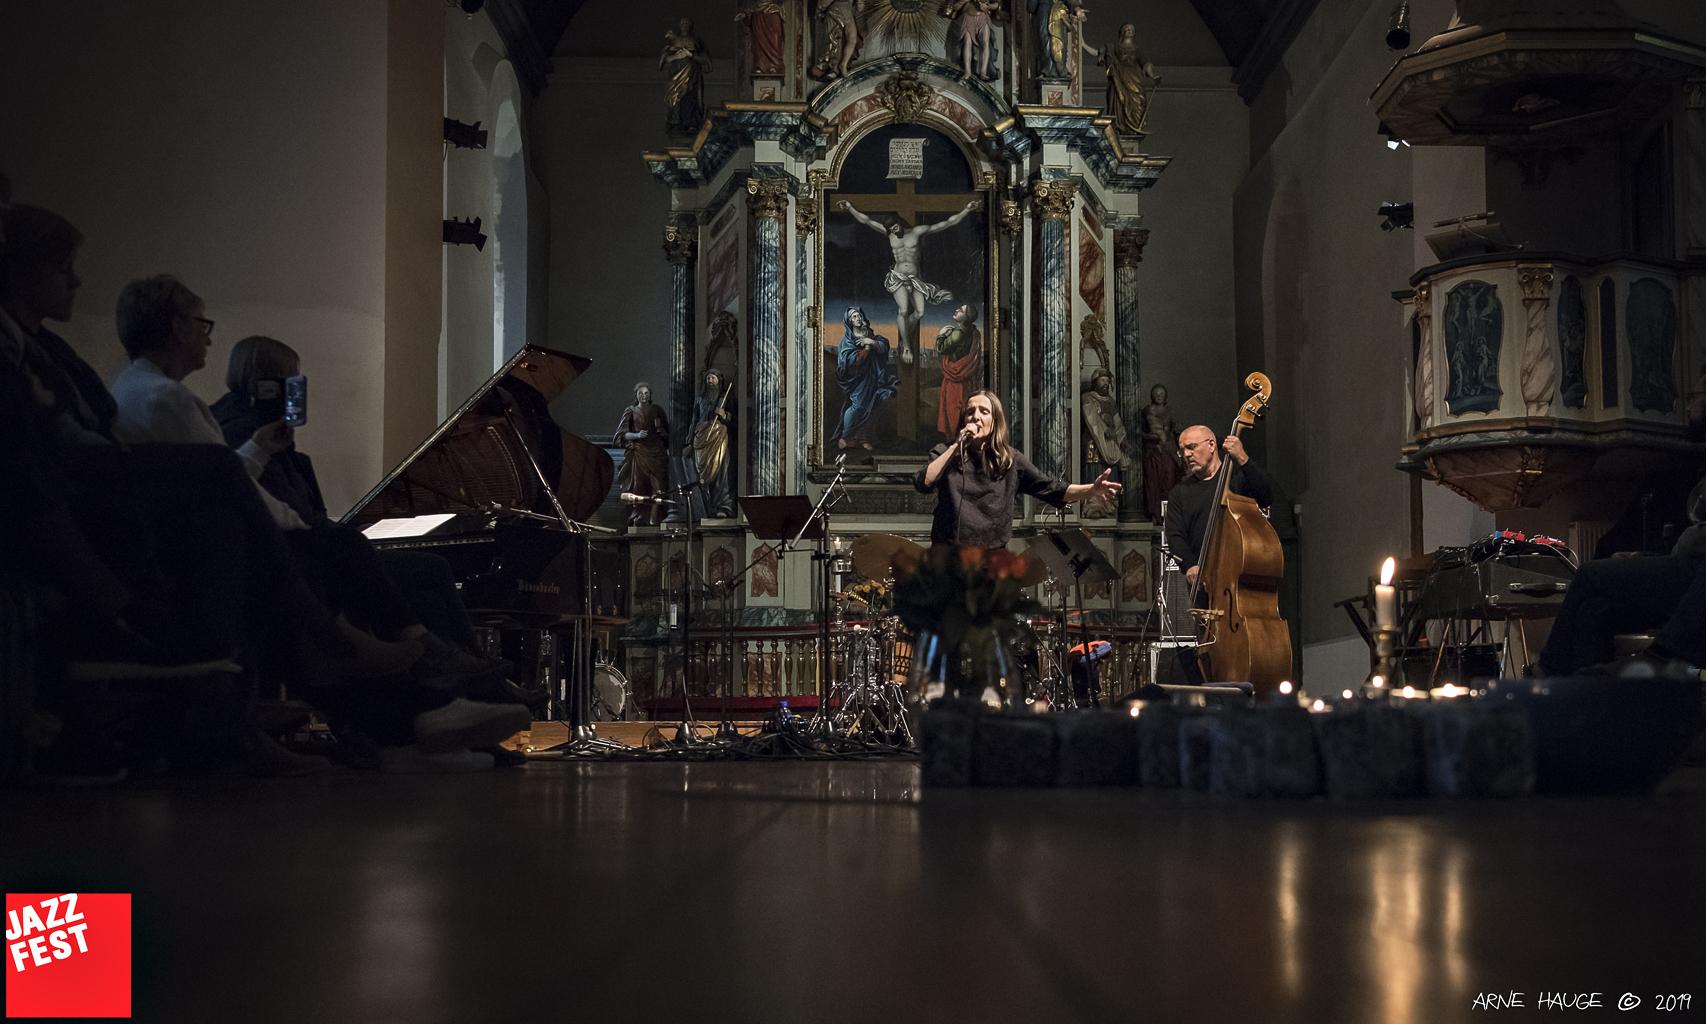 Tamara Obrovac TransAdriatic Quartet i Vår Frue kirke. Foto: Arne Hauge